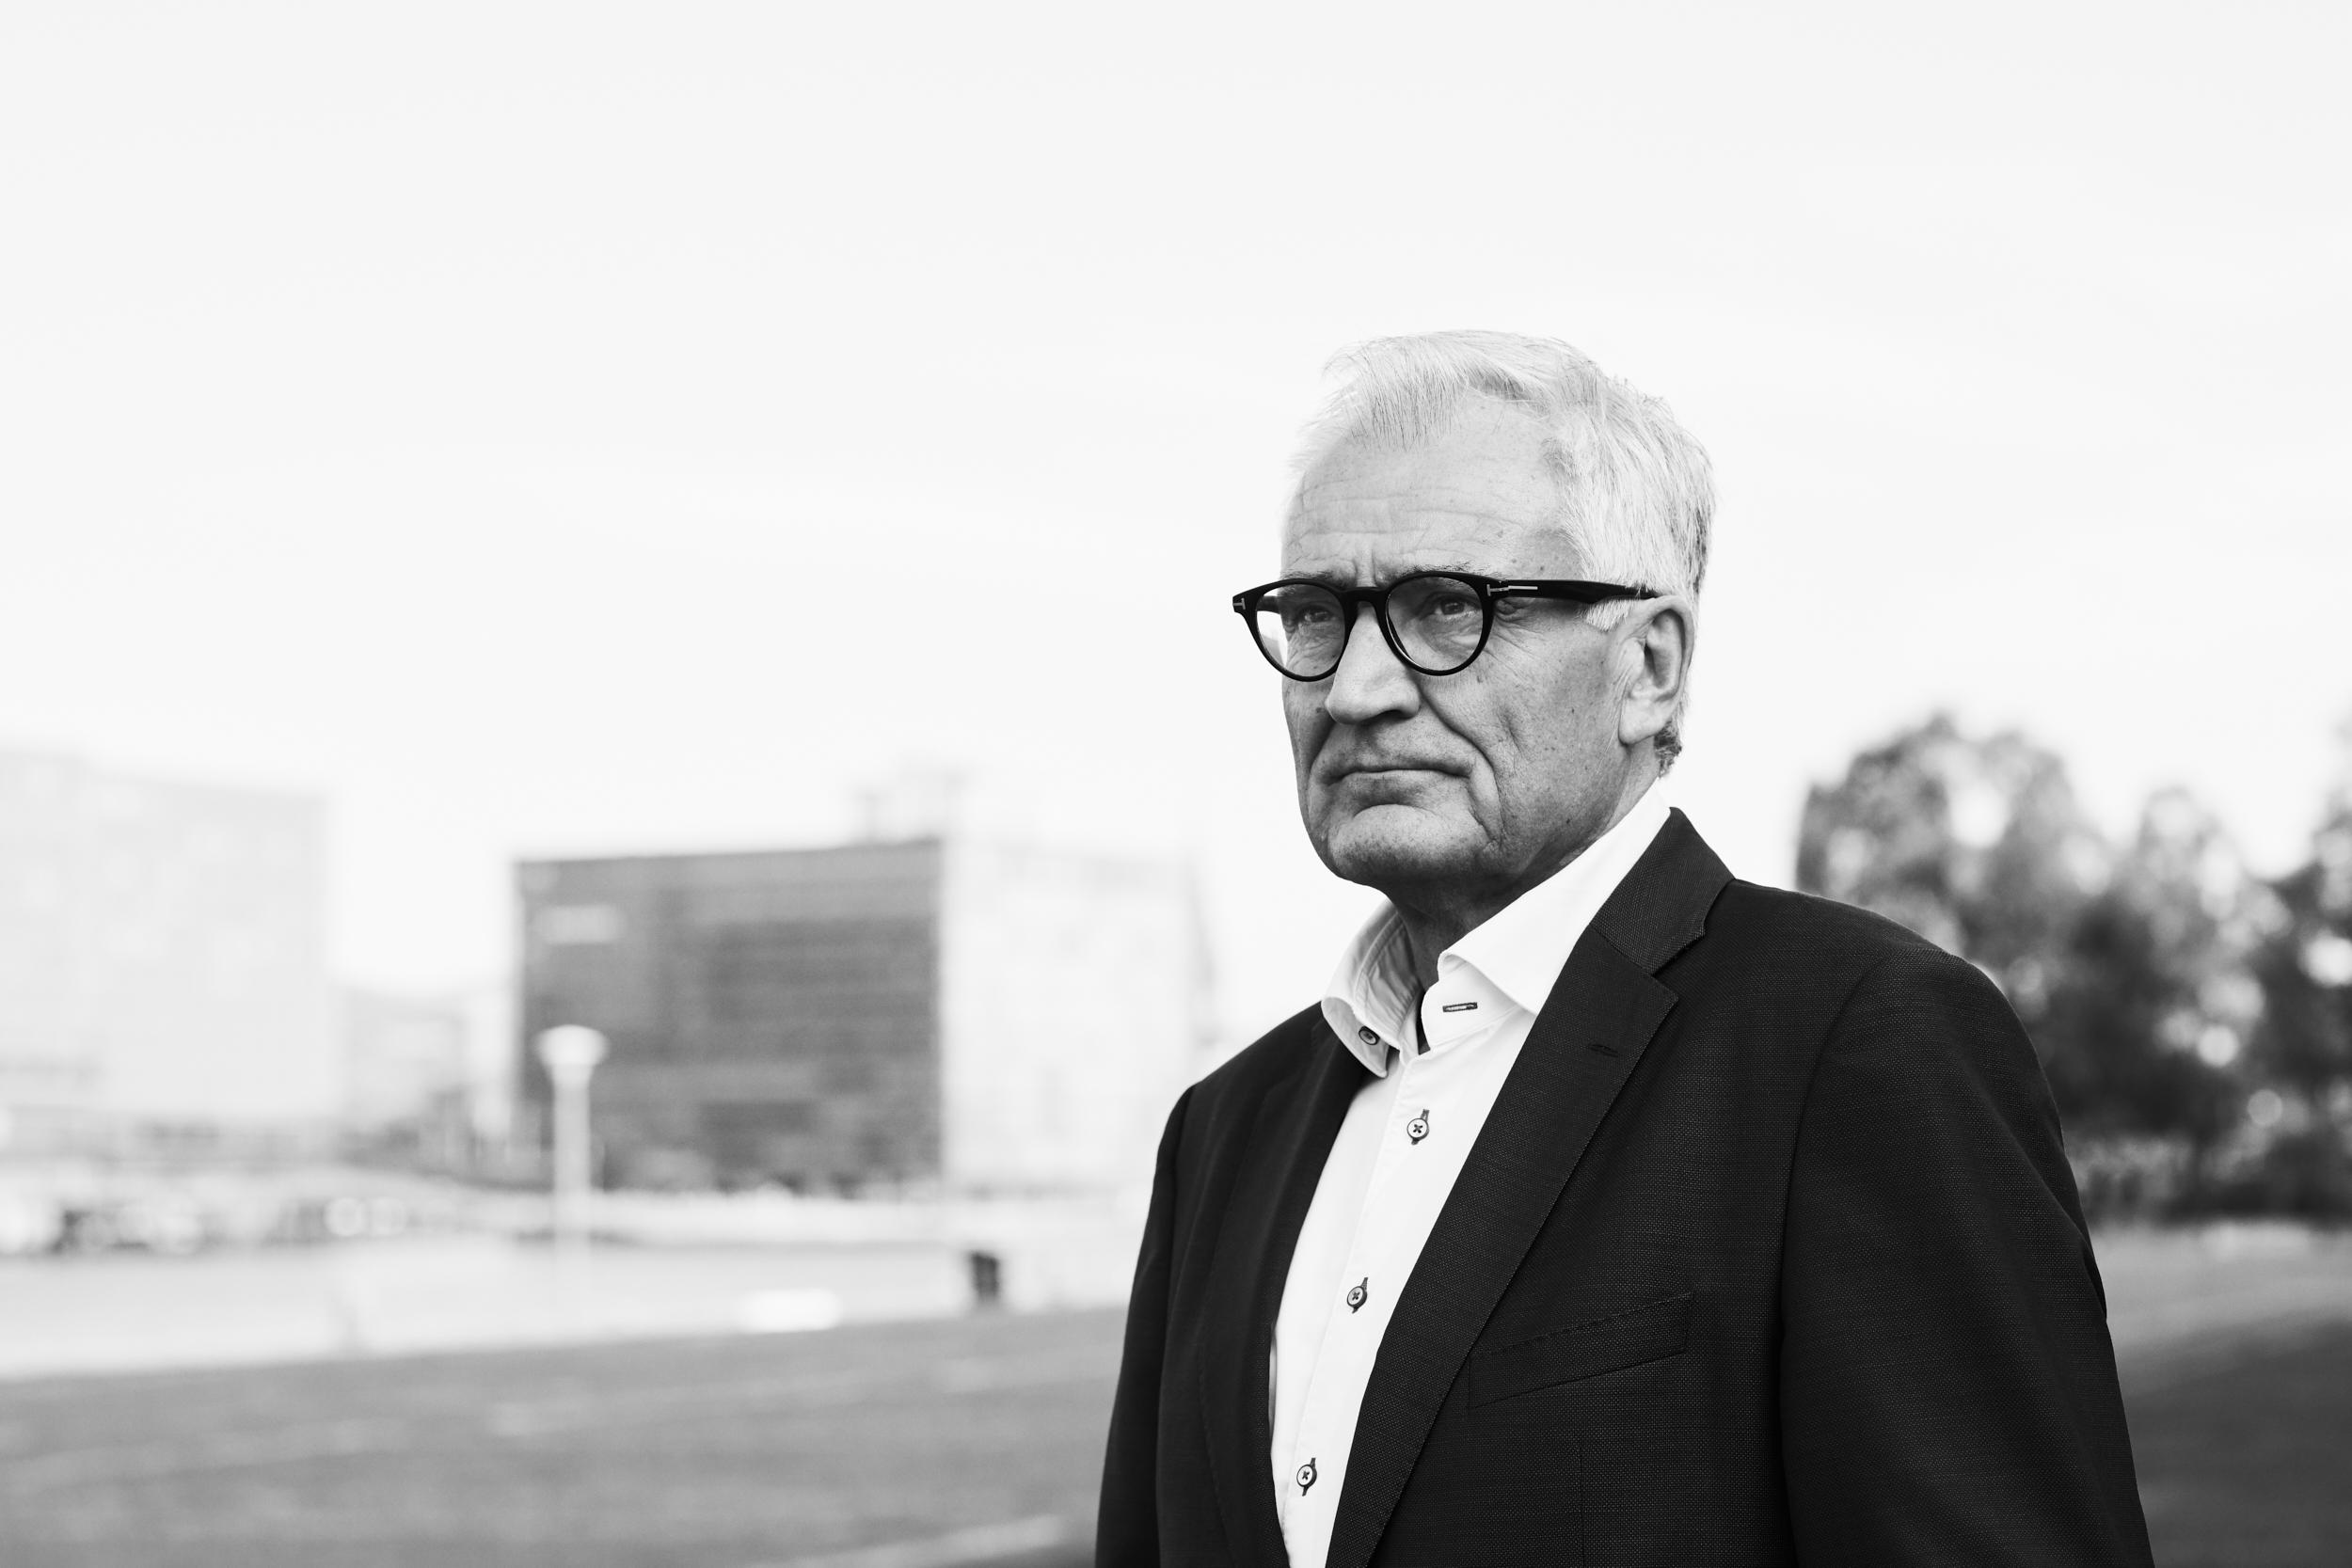 """""""Det bliver et """"money game"""" når COVID 19-smitten svinder ind, og søgningerne efter rejsemål igen stiger,"""" vurderer Jan Olsen, administrerende direktør i VisitDenmark. Pressefoto: VisitDenmark."""